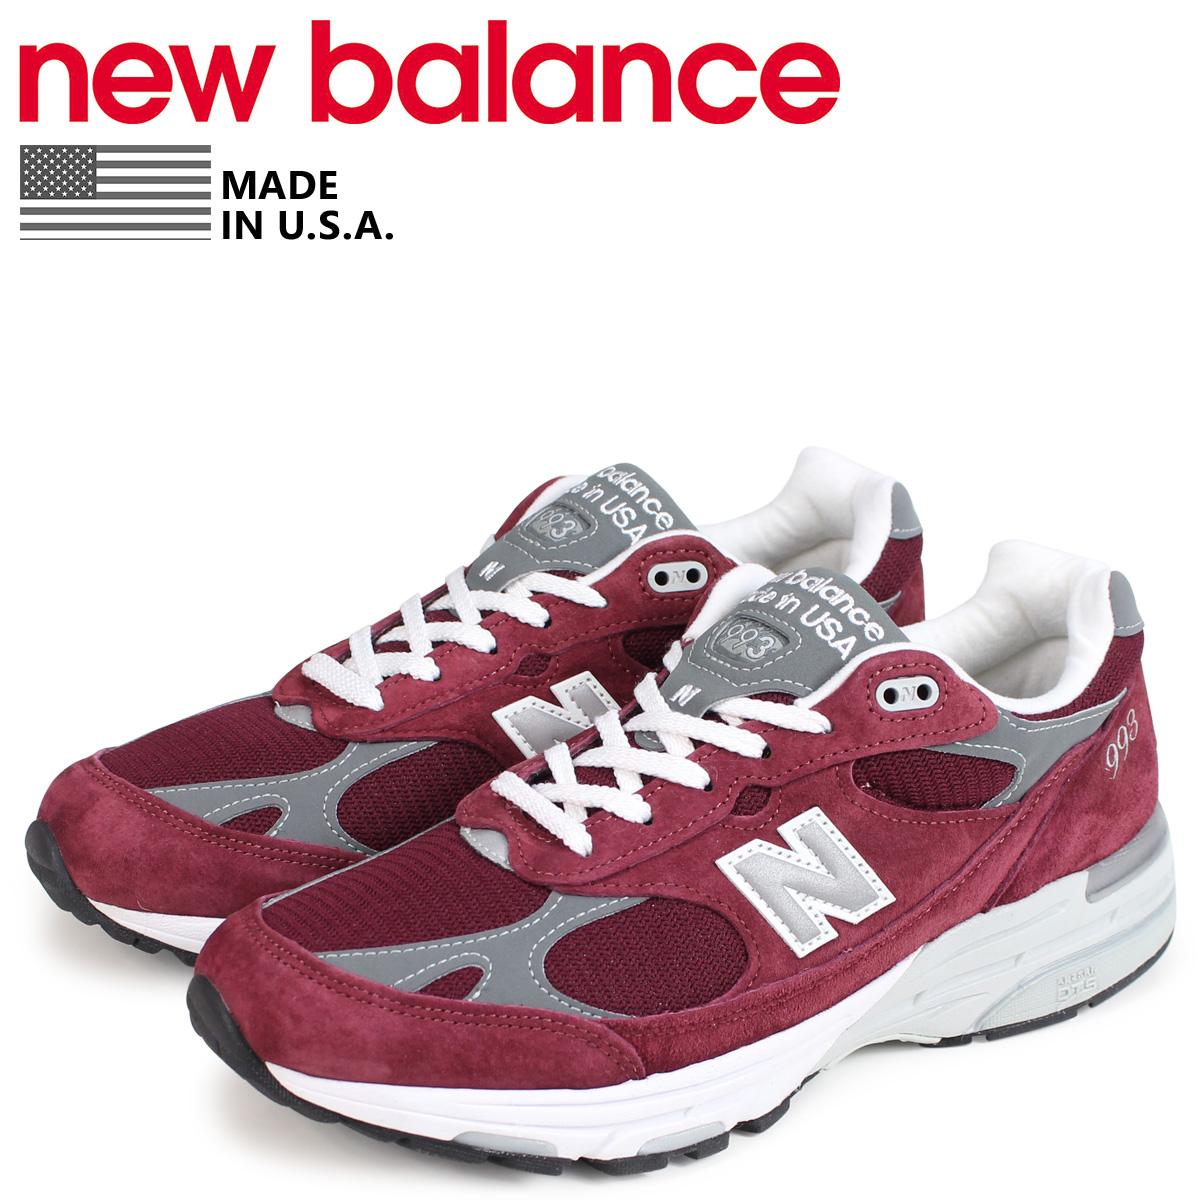 6789bb13fd2b7 new balance 993 ブーツ ニューバランス メンズ スニーカー MR993BU Dワイズ MADE 送料無料 エミュー IN USA  バーガンディ:シュガーオンラインショップ【送料 ...